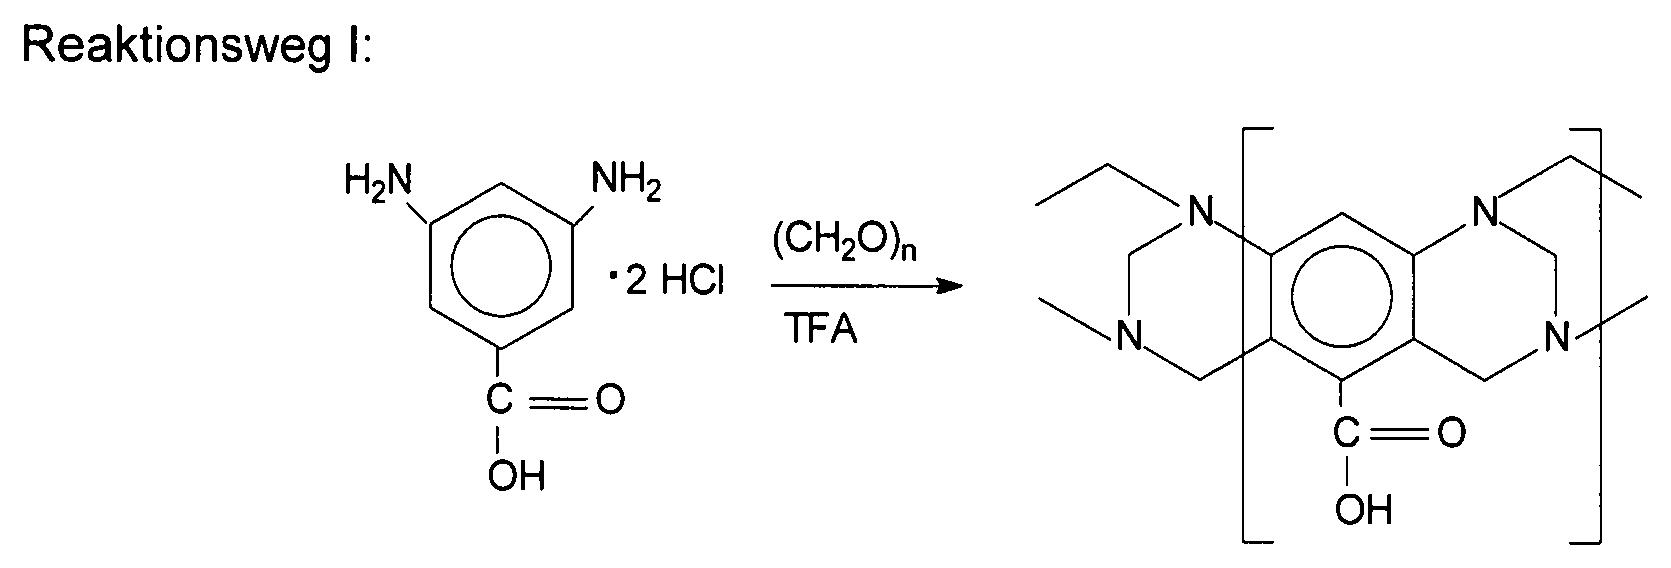 Figure DE112016005378T5_0015